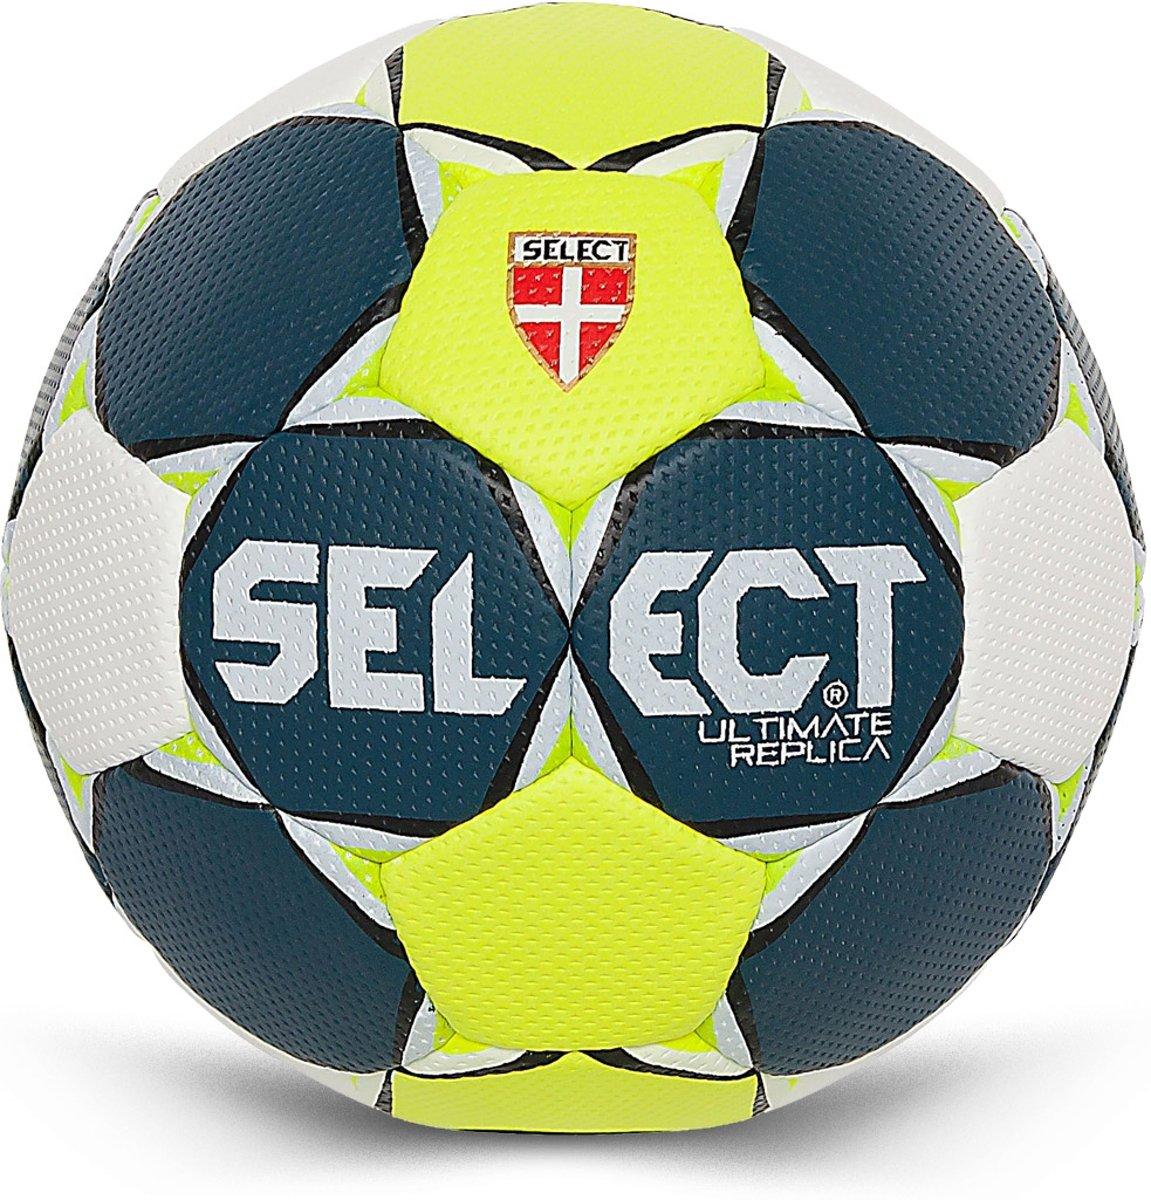 Select Ultimate Replica Handbal - Ballen  - blauw donker - 3 kopen